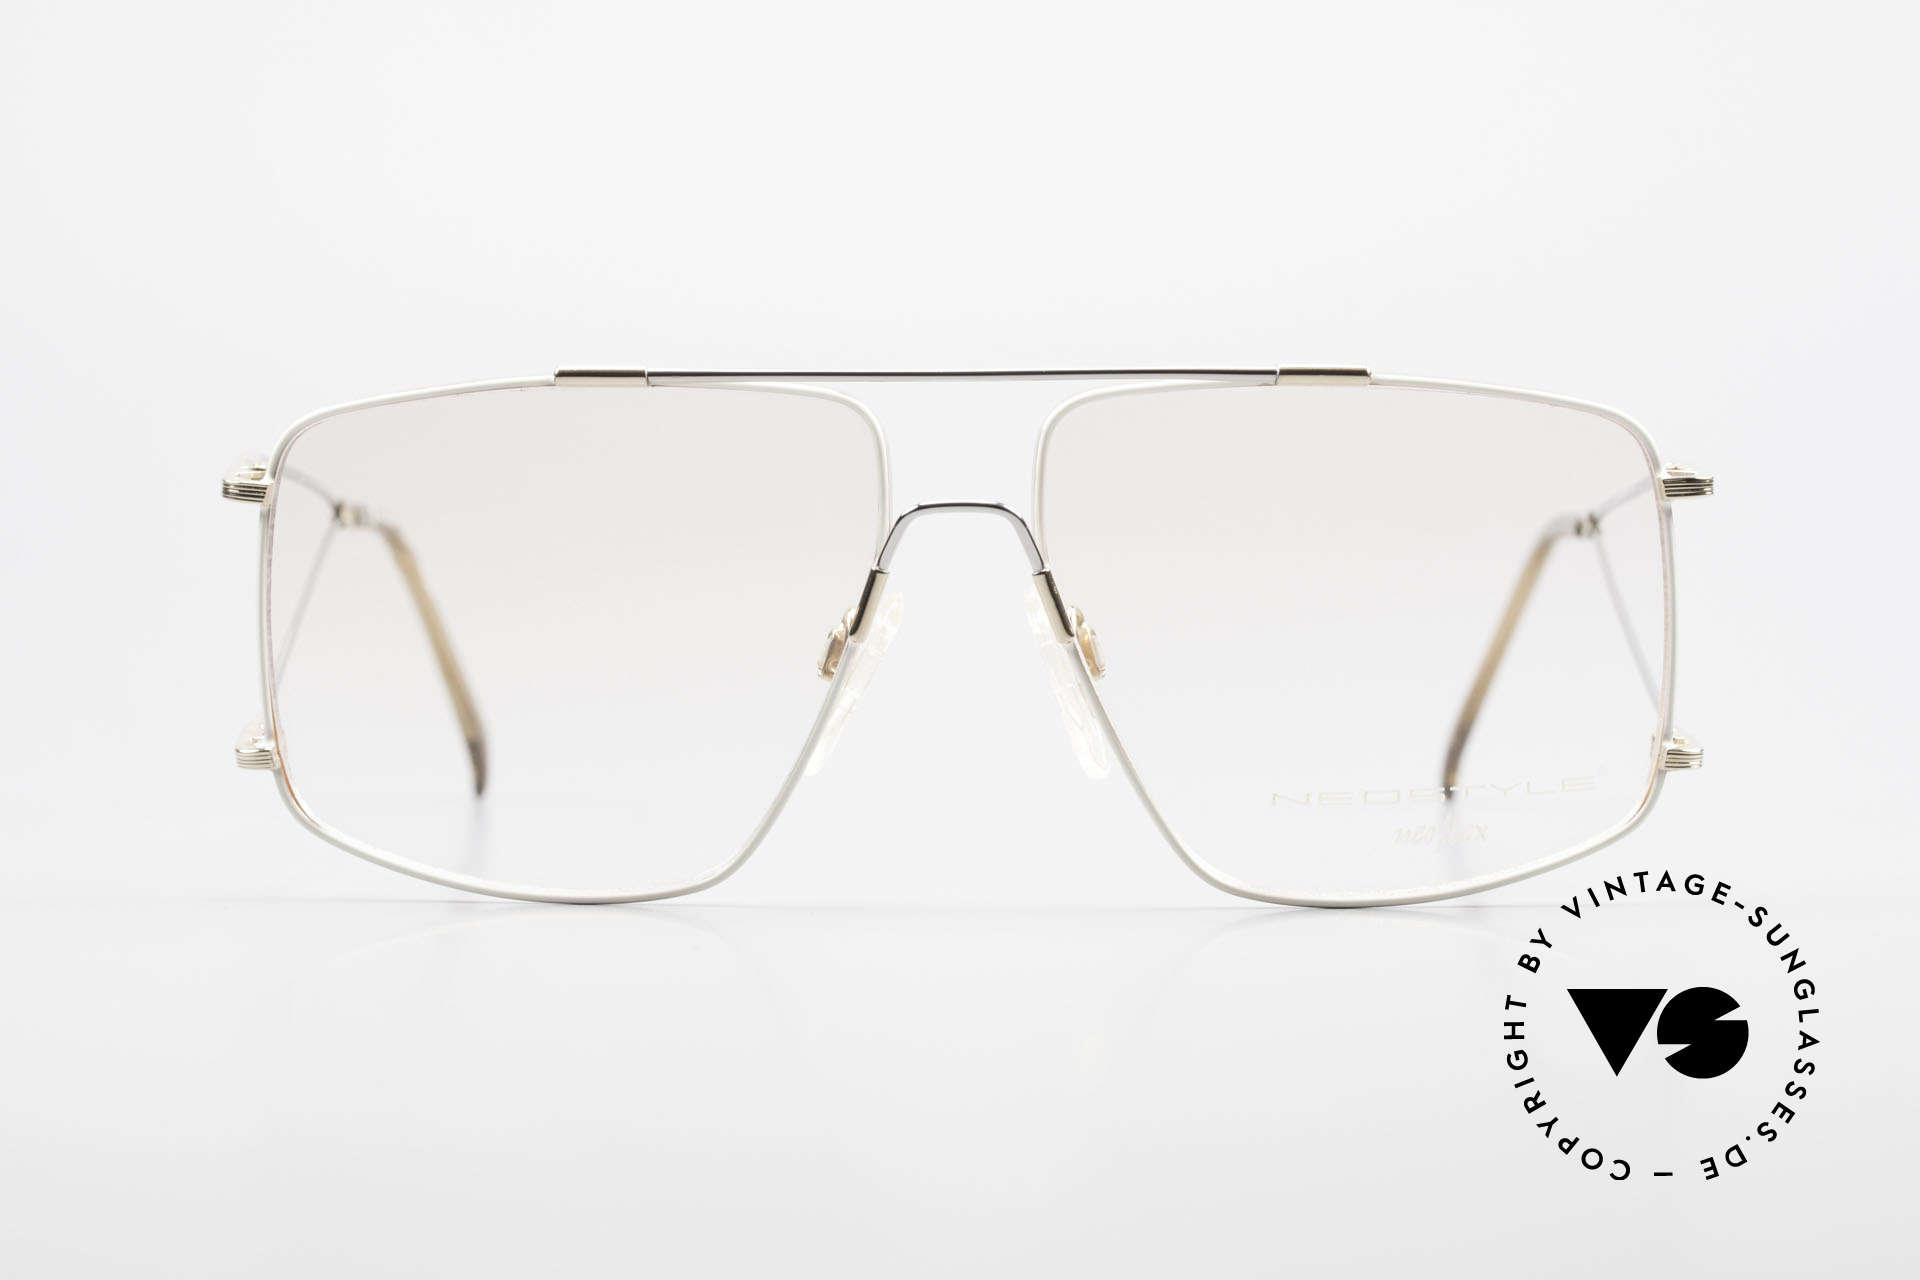 Neostyle Jet 40 Titanflex Vintage 90er Brille, enormer Tragekomfort, dank TITAN-FLEX Material!, Passend für Herren